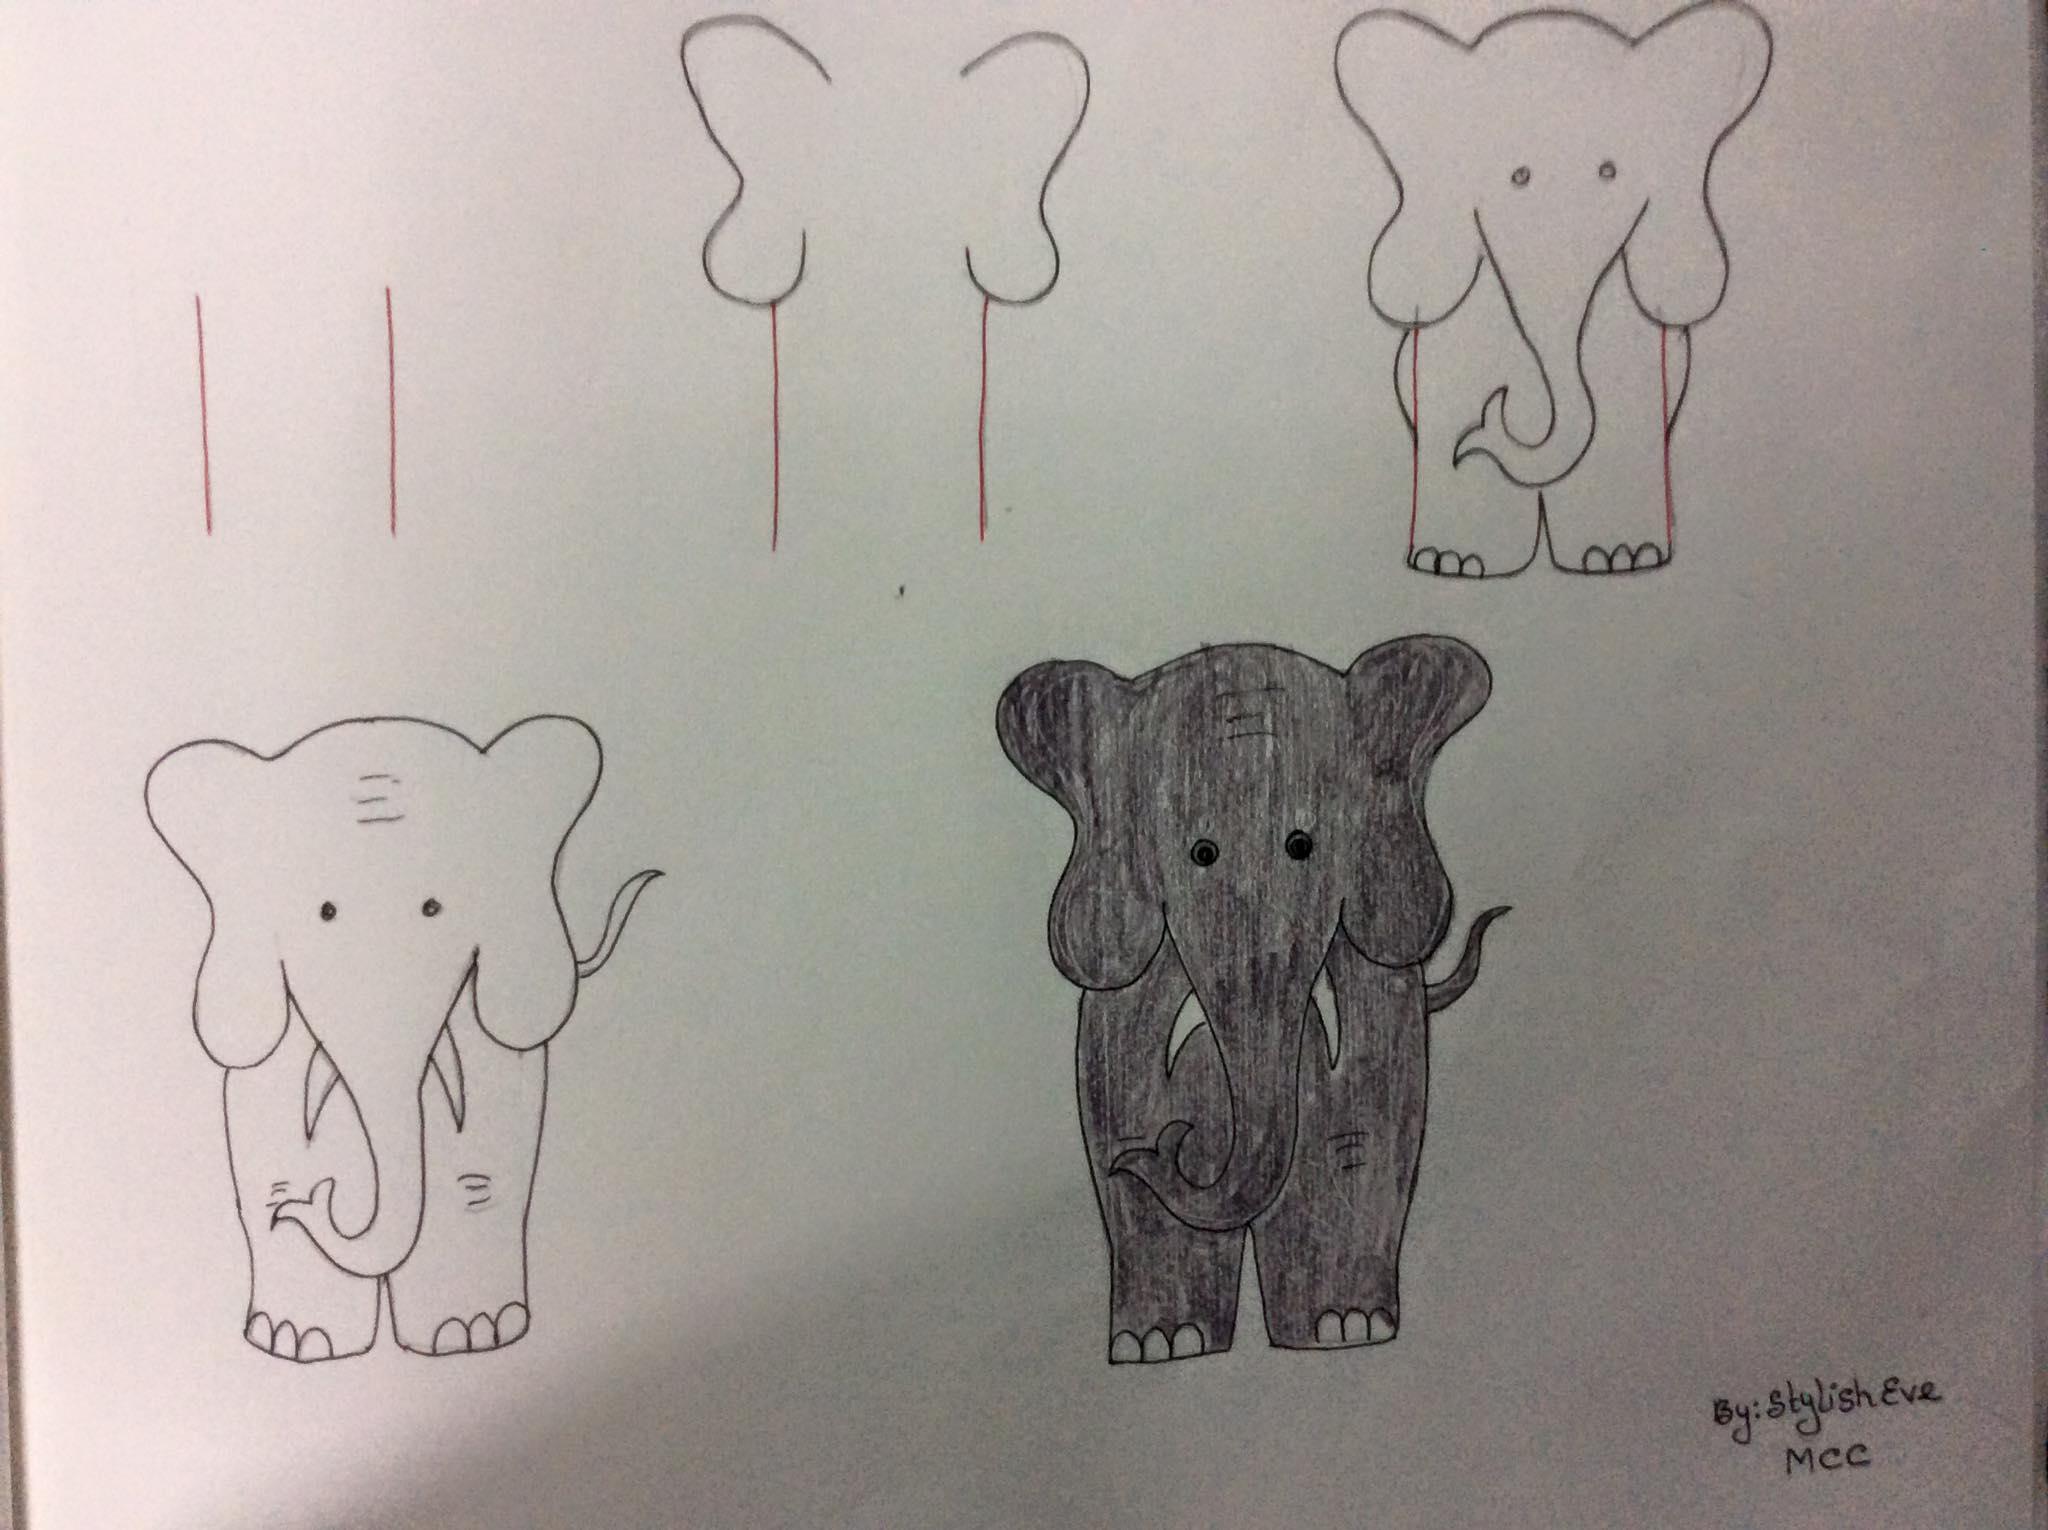 aprende a dibujar con numeros y letras 4